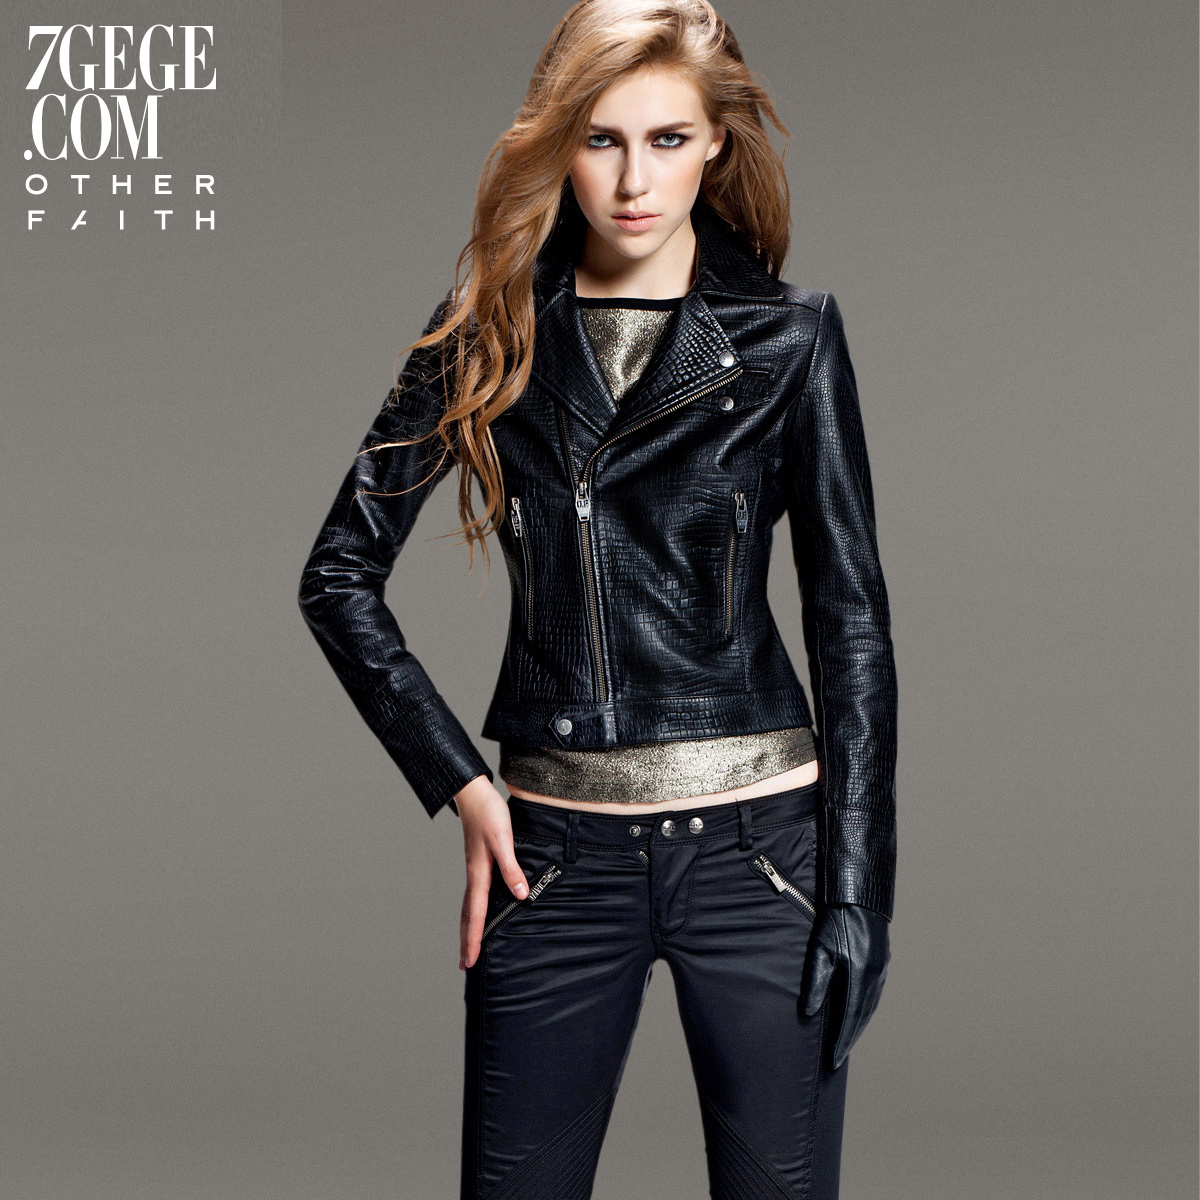 Кожаные куртки для девушек цены фото